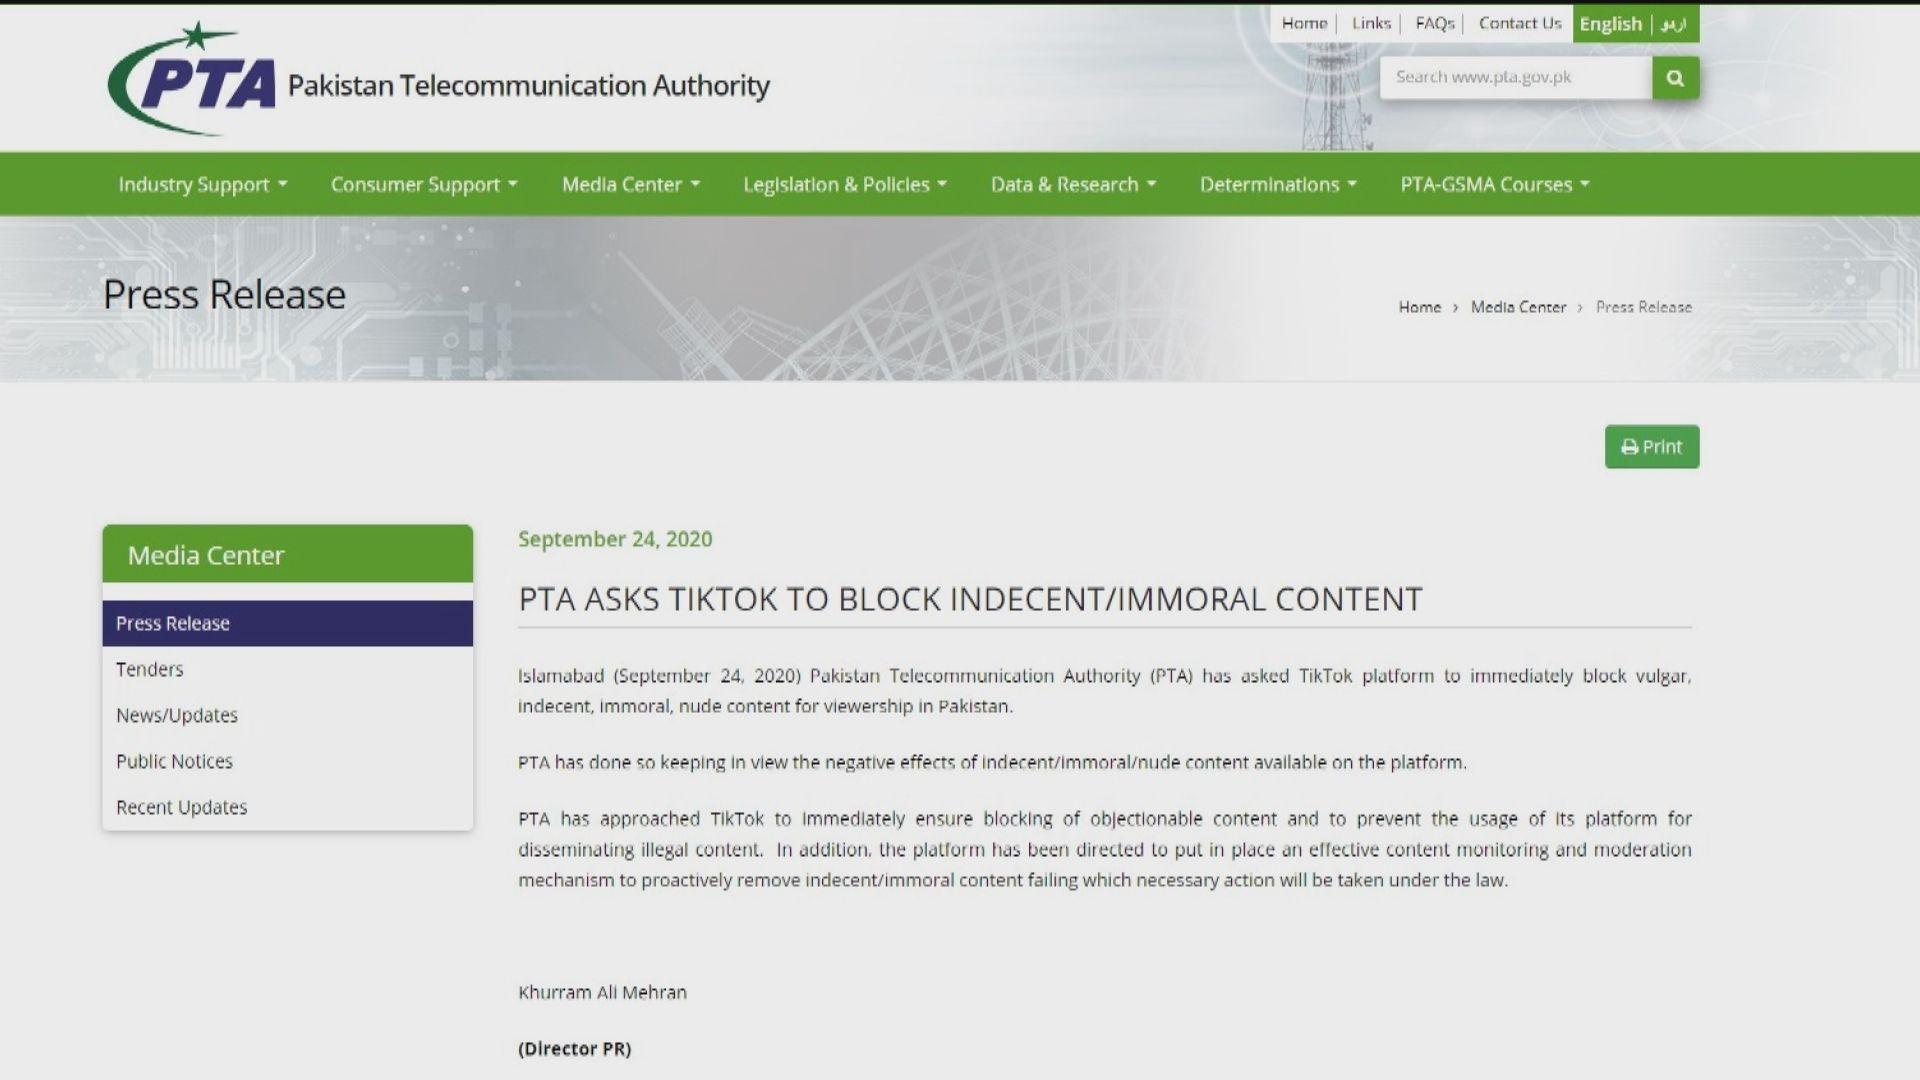 巴基斯坦宣布禁用TikTok 指平台含不雅內容